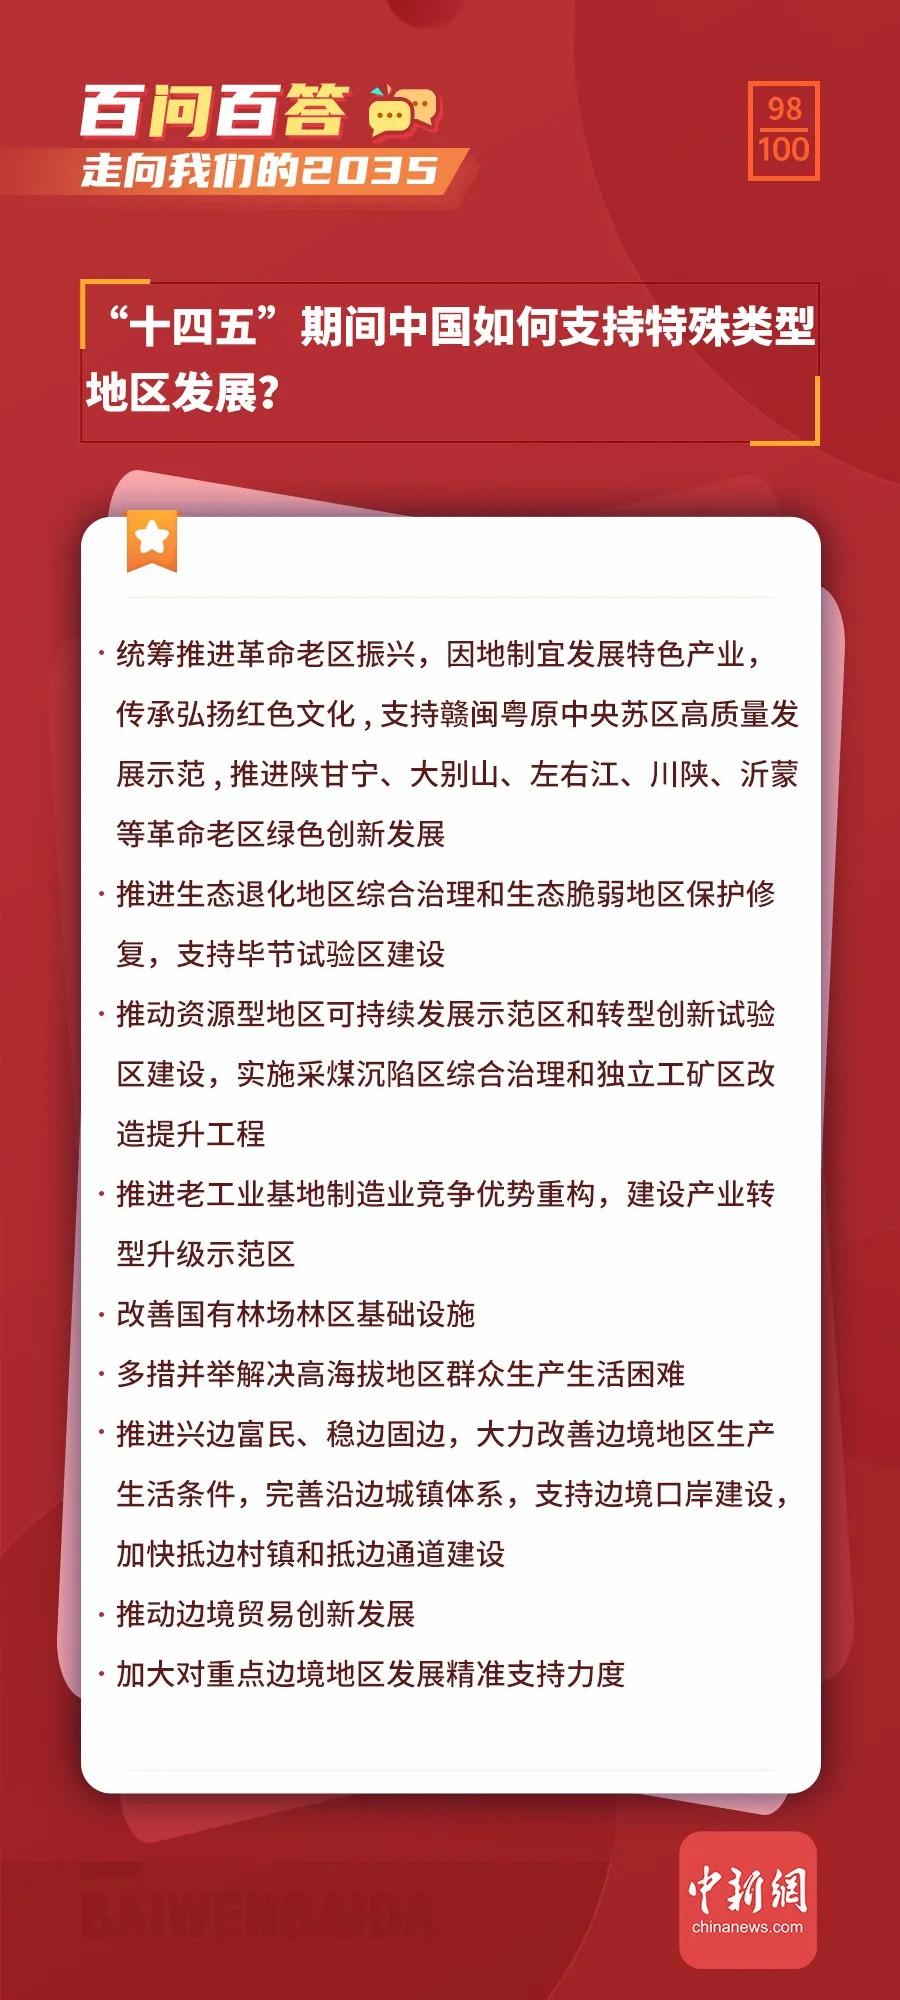 """《千里马人工计划网页版_""""十四五""""期间中国如何支持特殊类型地区发展?》"""